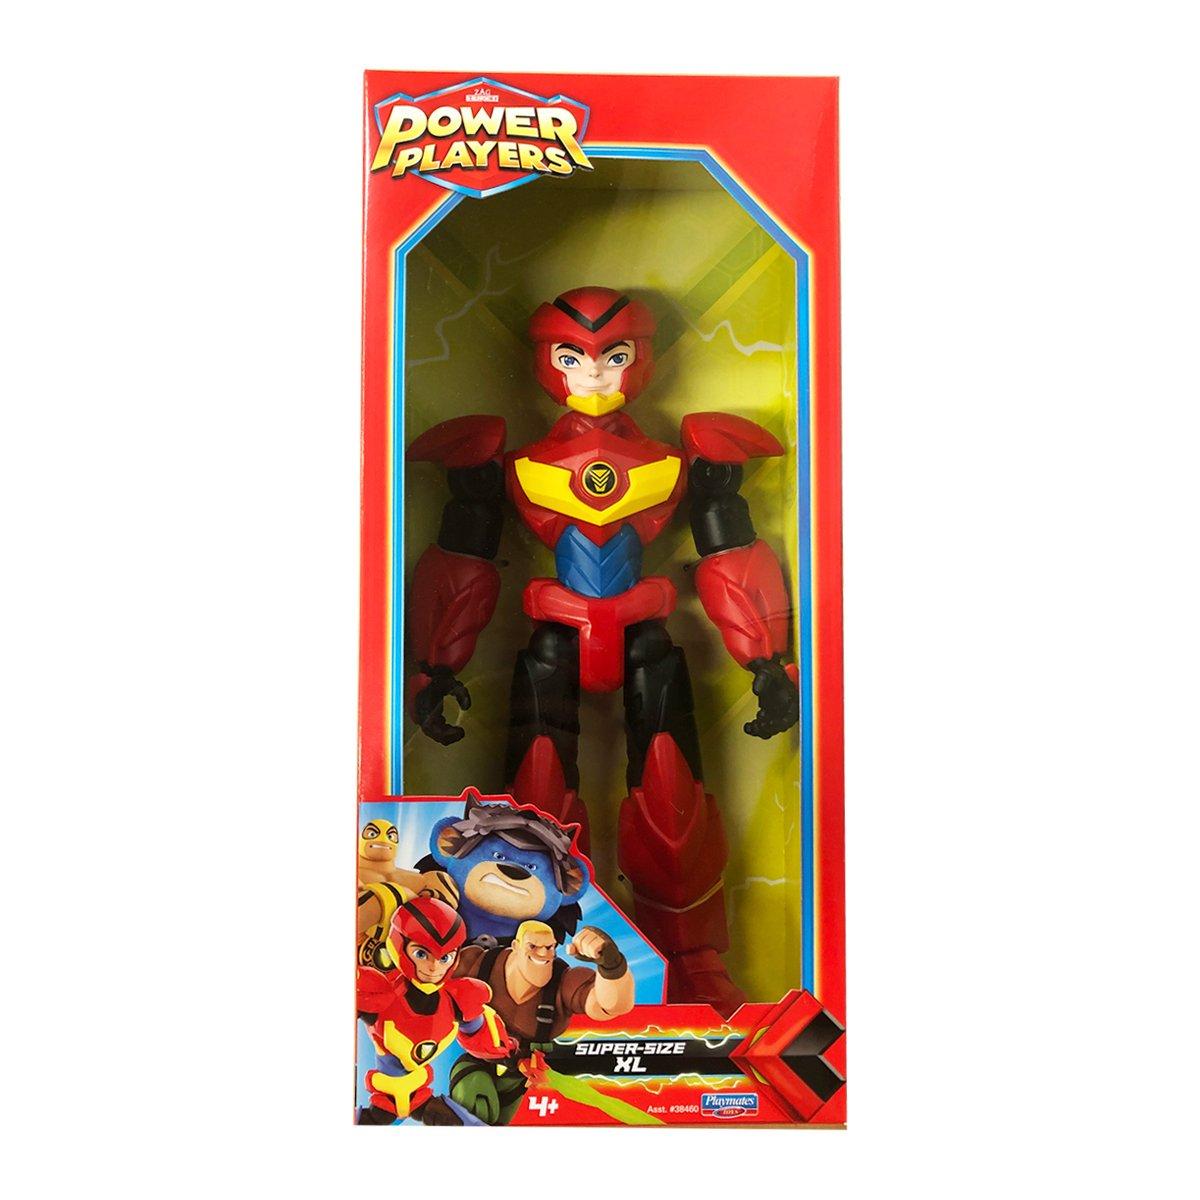 Figurina articulata Power Players, Axel, XL